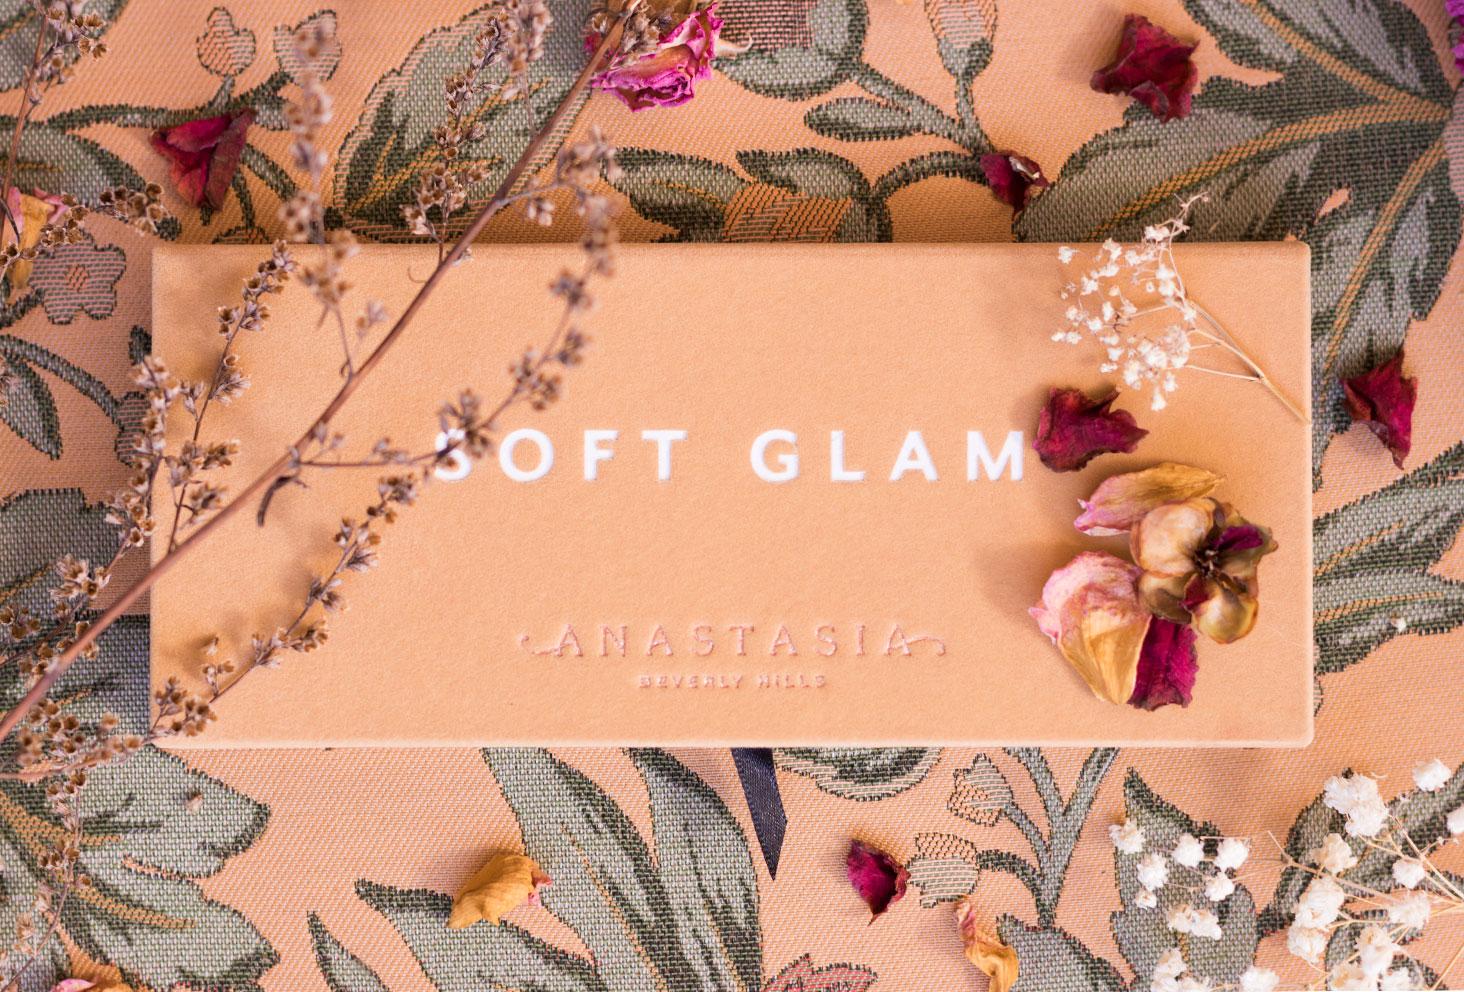 La palette Soft Glam d'Anastasia Beverly Hills fermée vu de haut, au milieu de fleurs et pétales sèches